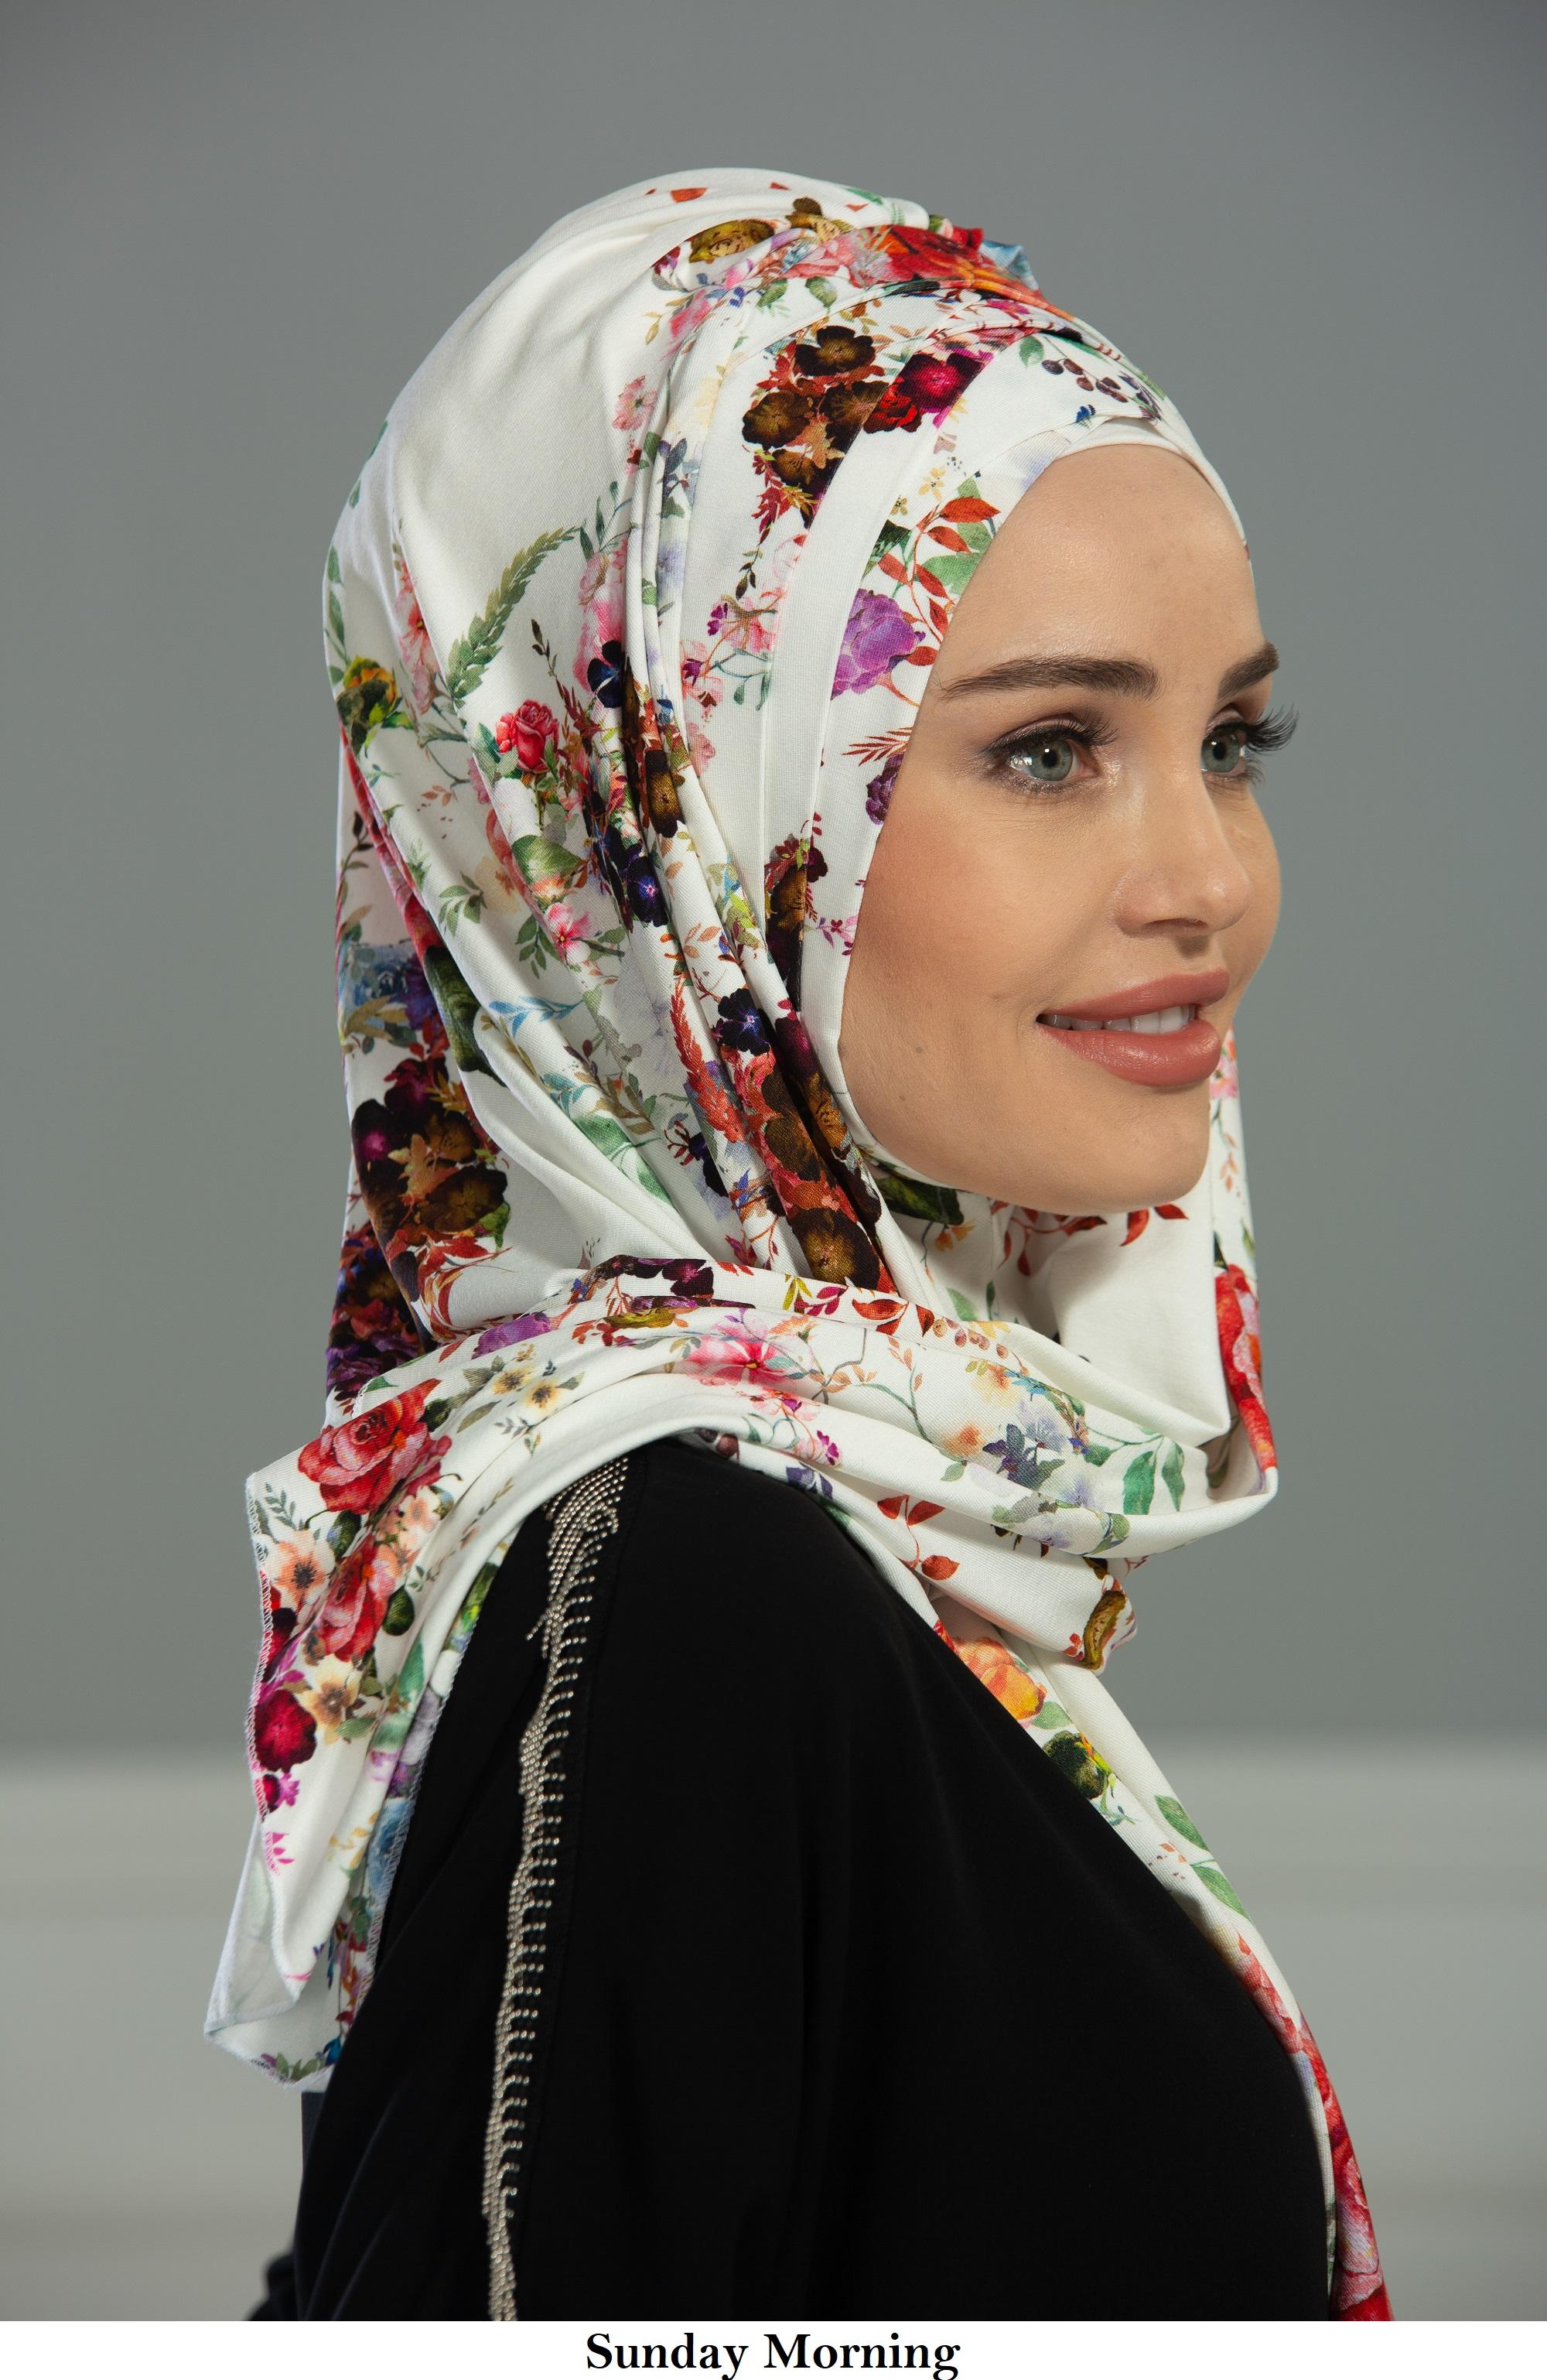 Écharpe de Tête de Châle en Coton Instantané Casquette de Turban de Modestie Instantanée Pour Femme